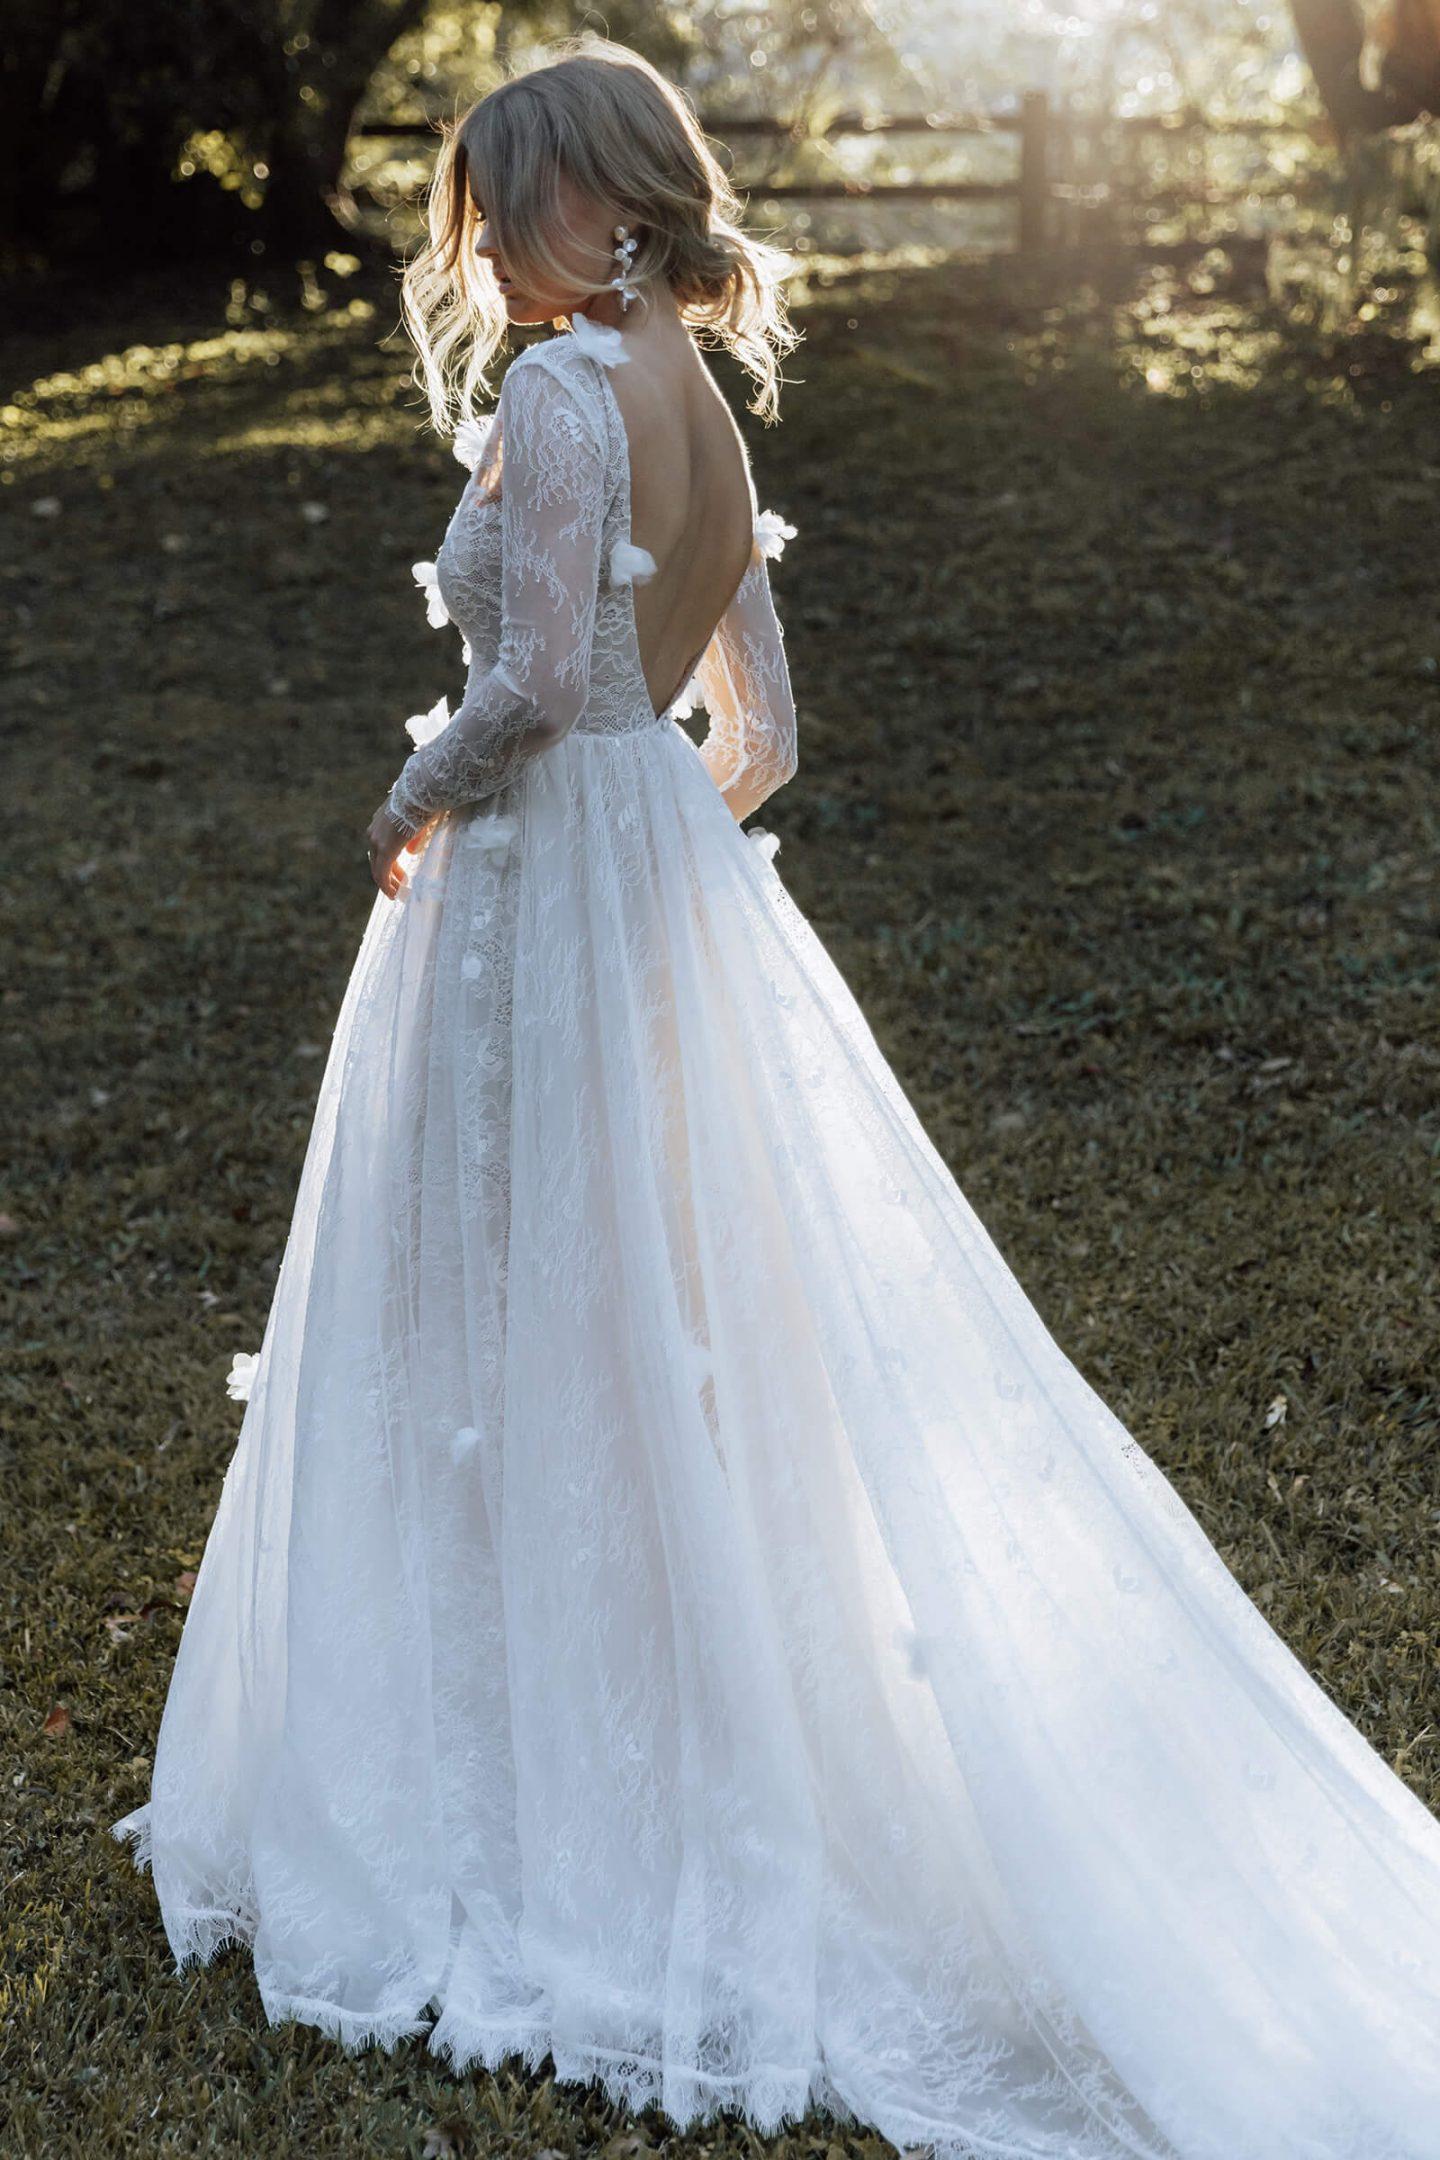 Long sleee wedding dress